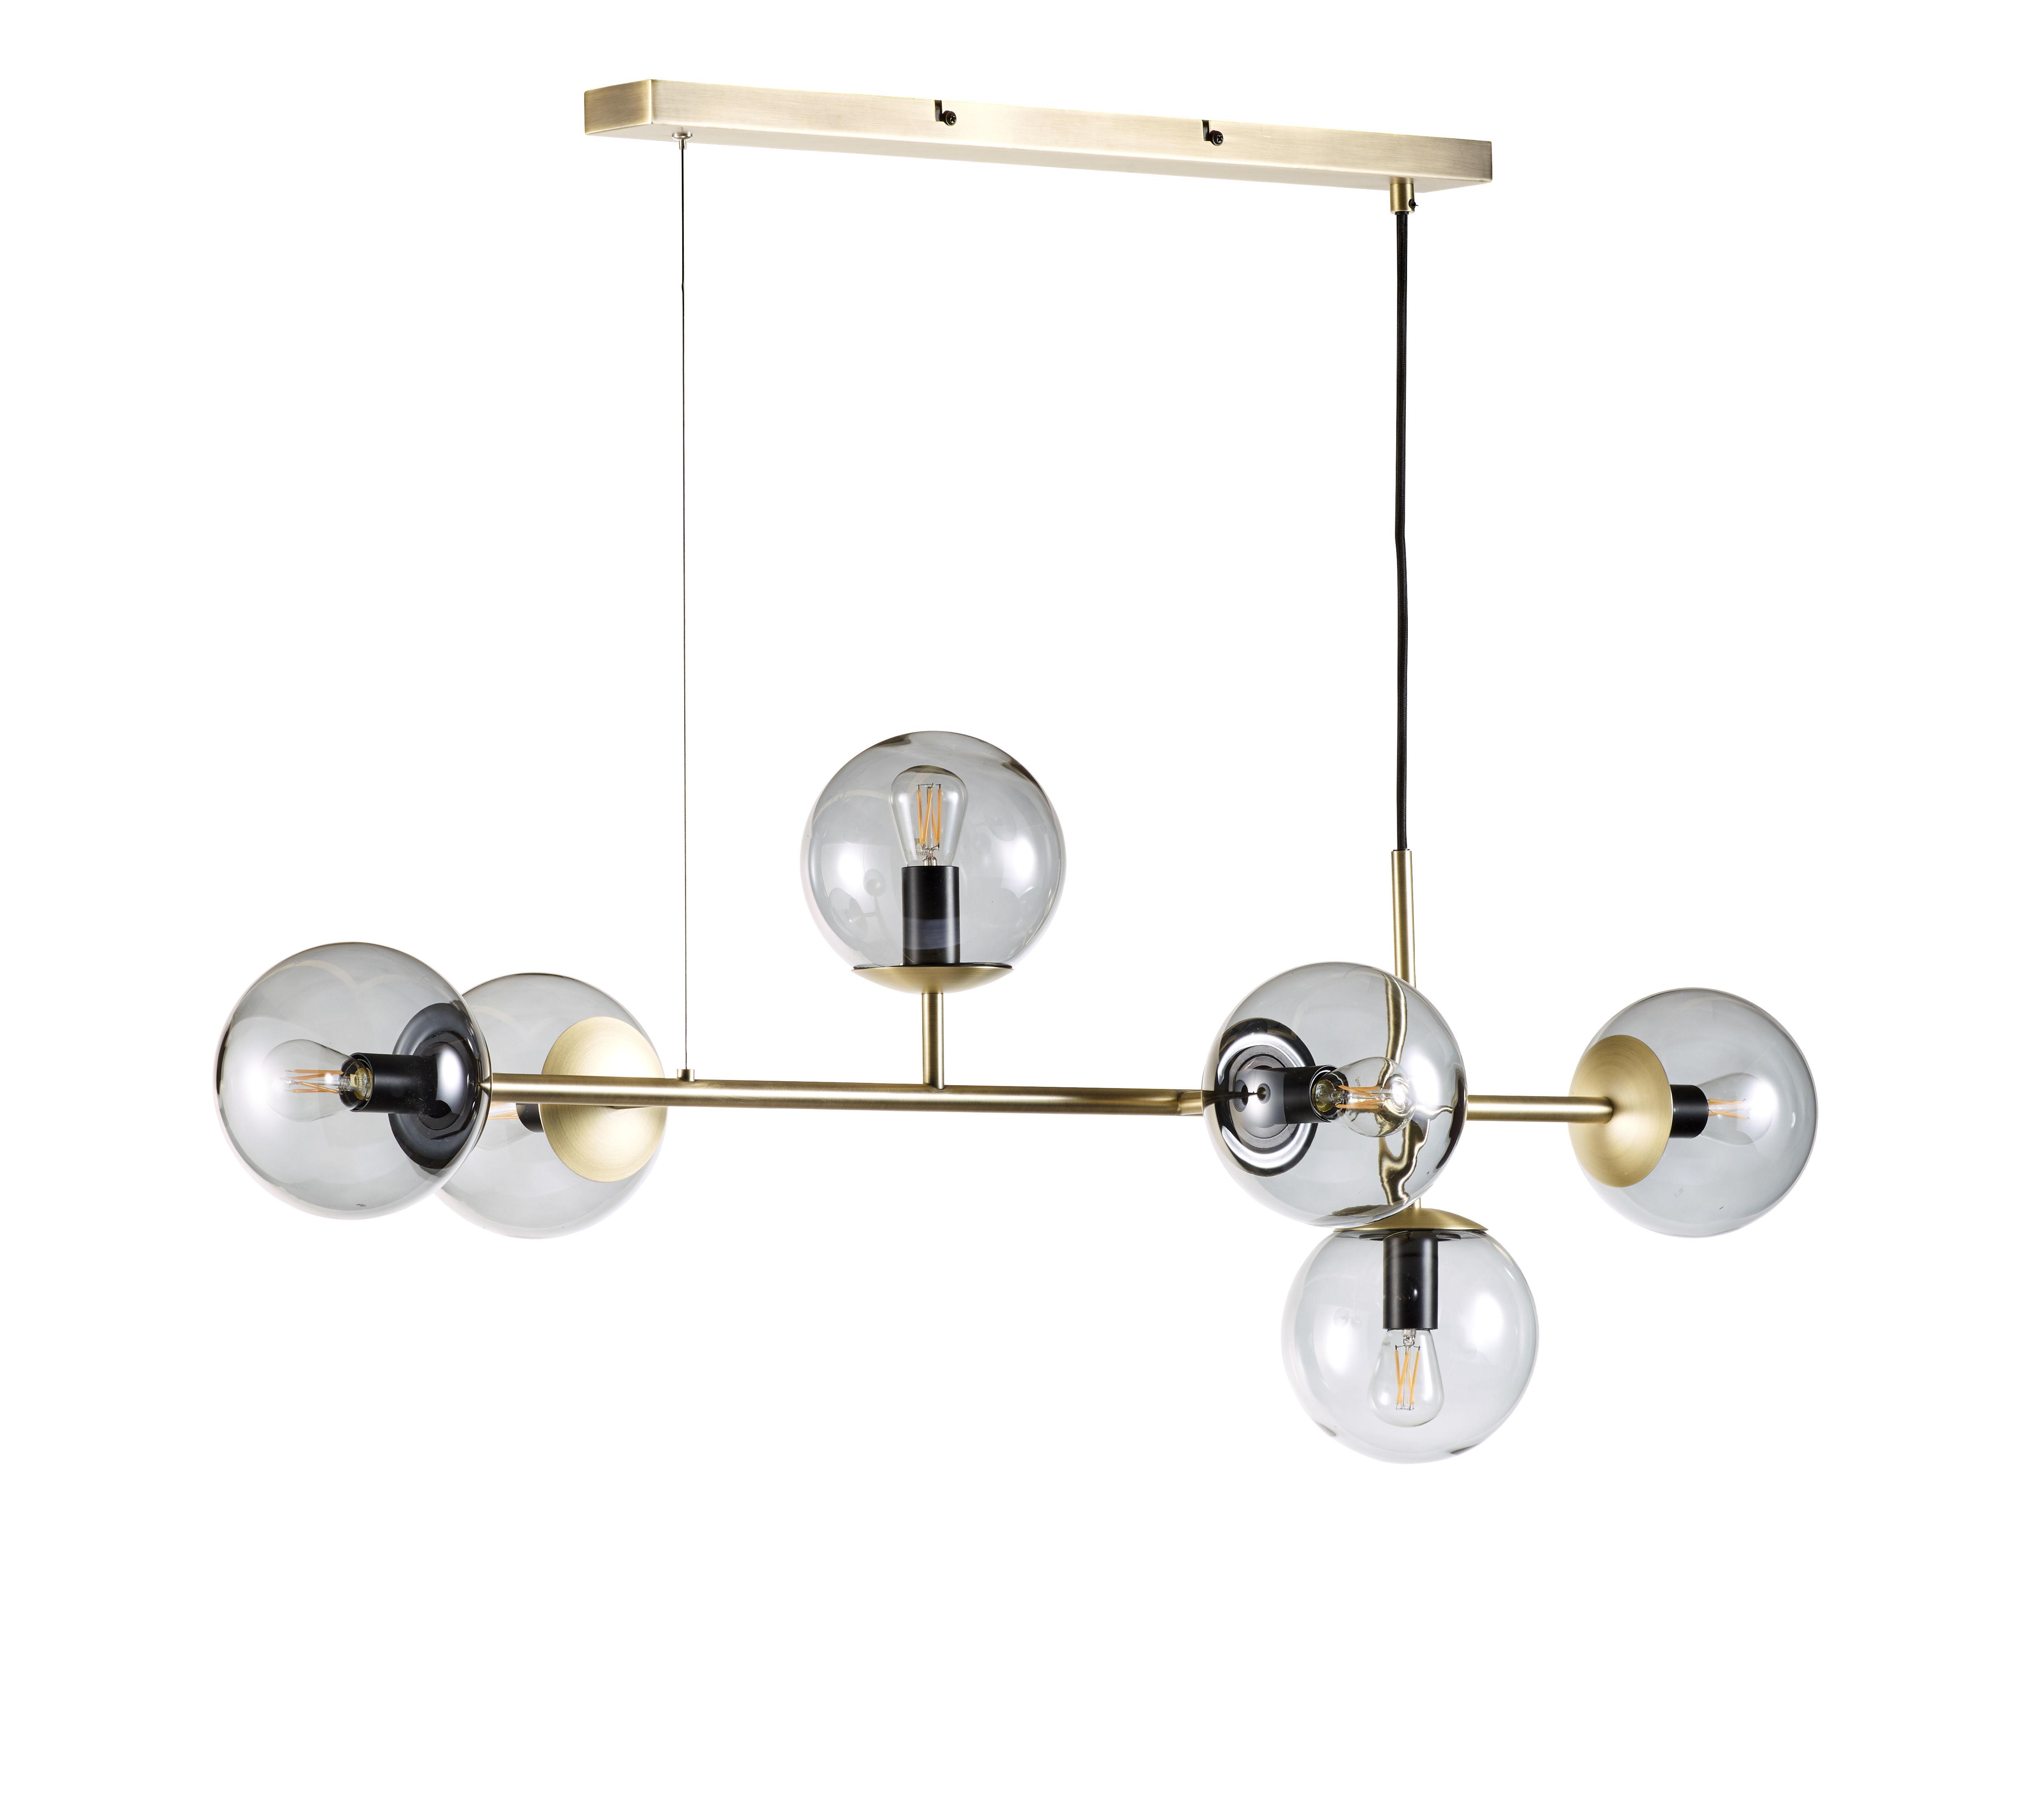 Luminaire - Suspensions - Suspension Orb / Horizontale - L 114 x H 42 cm - Bolia - Laiton - Laiton, Textile, Verre